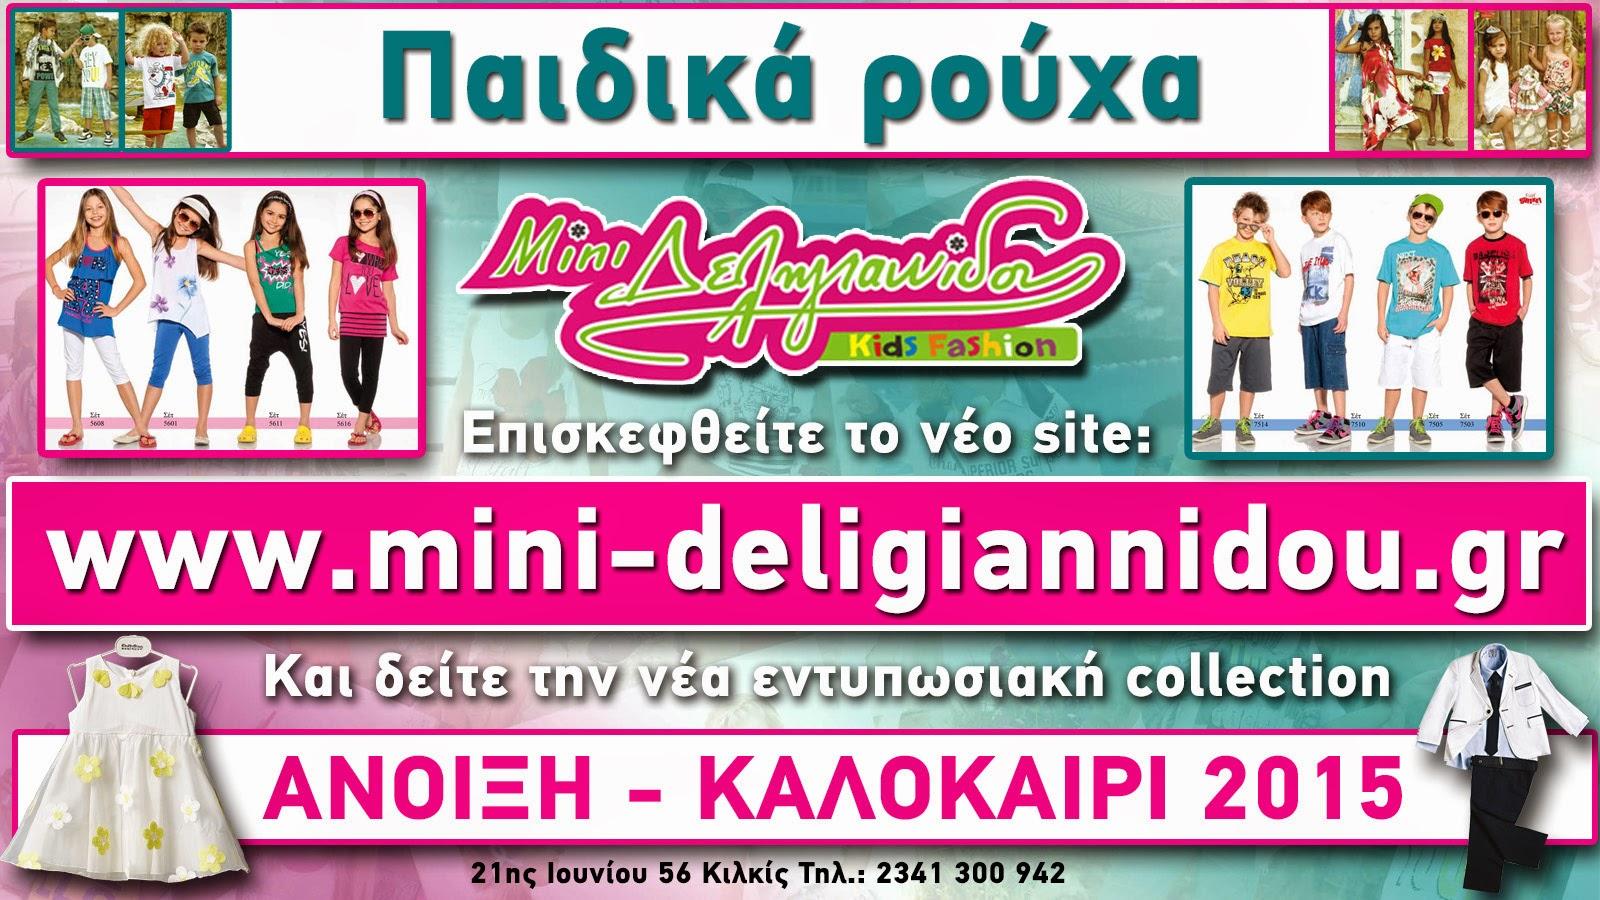 http://www.mini-deligiannidou.gr/